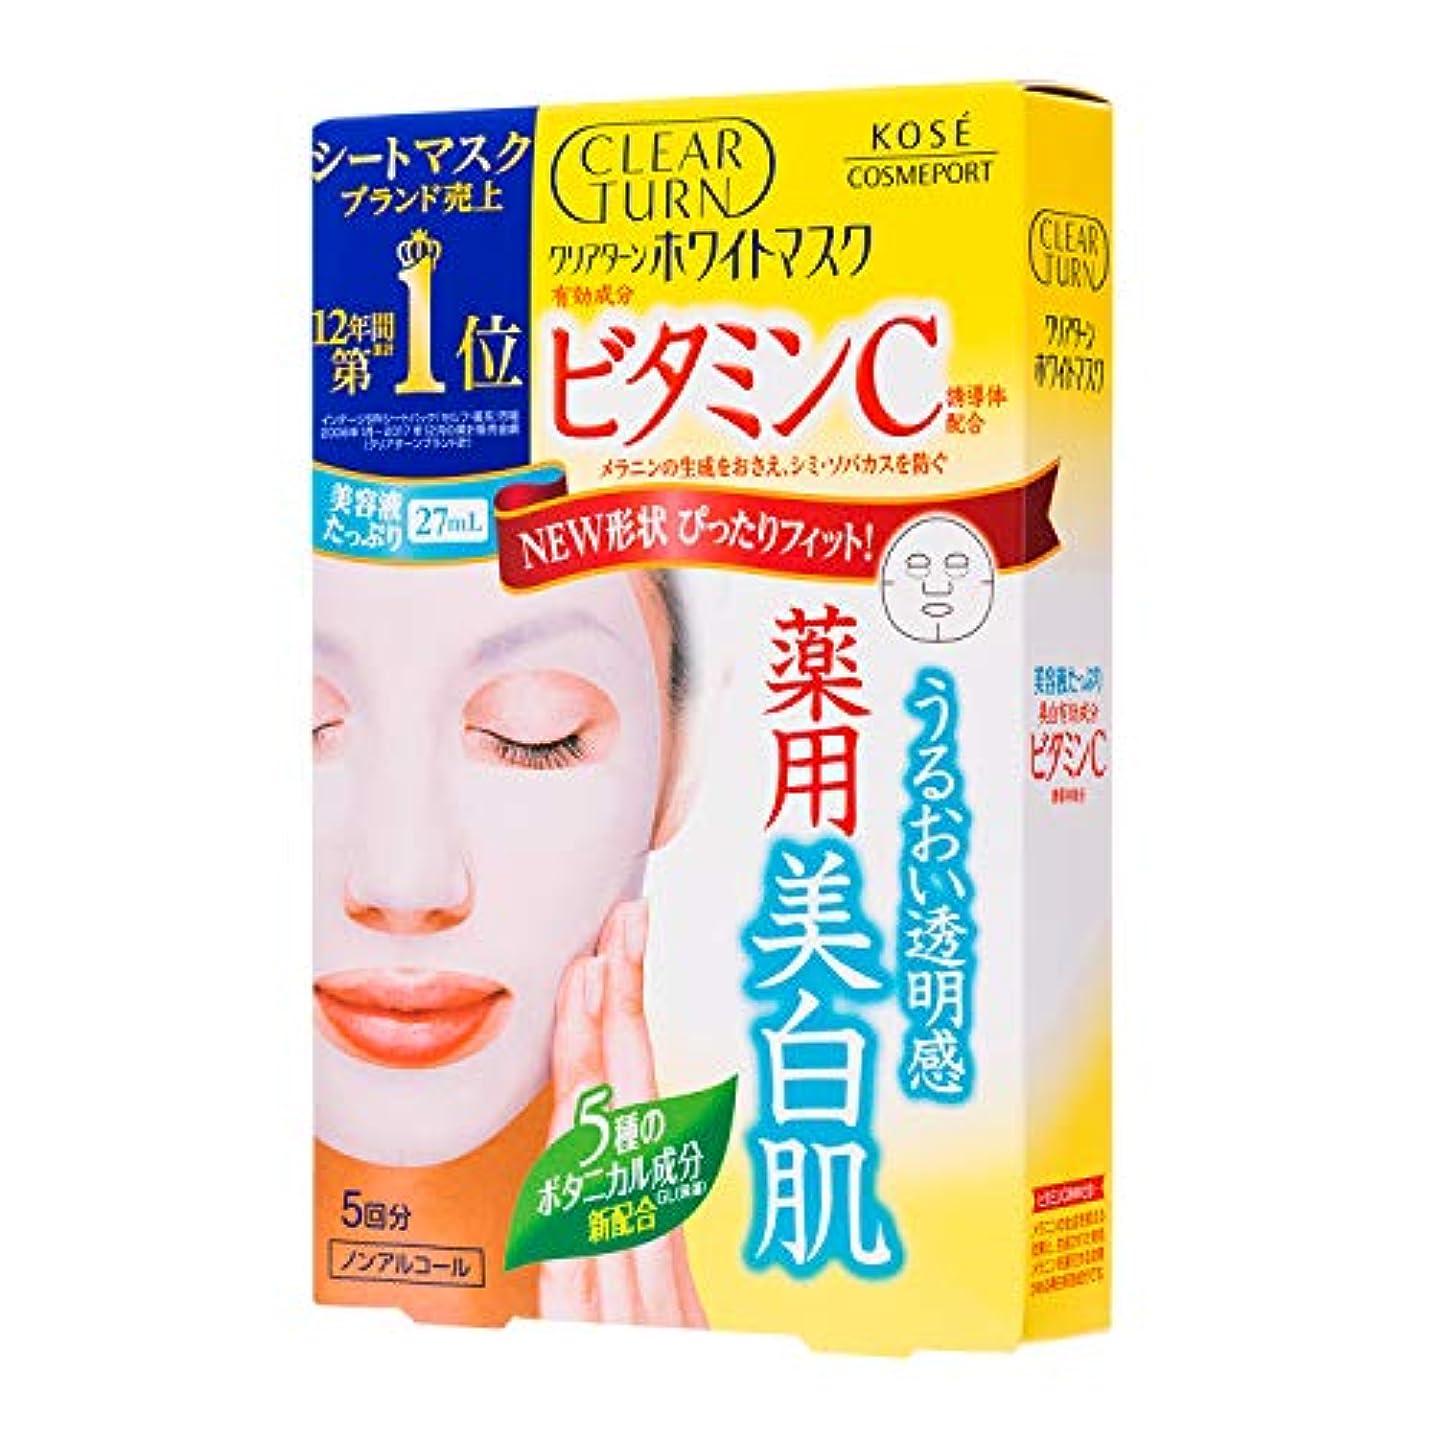 払い戻し深く材料KOSE コーセー クリアターン ホワイト マスク VC (ビタミンC) 5枚 フェイスマスク